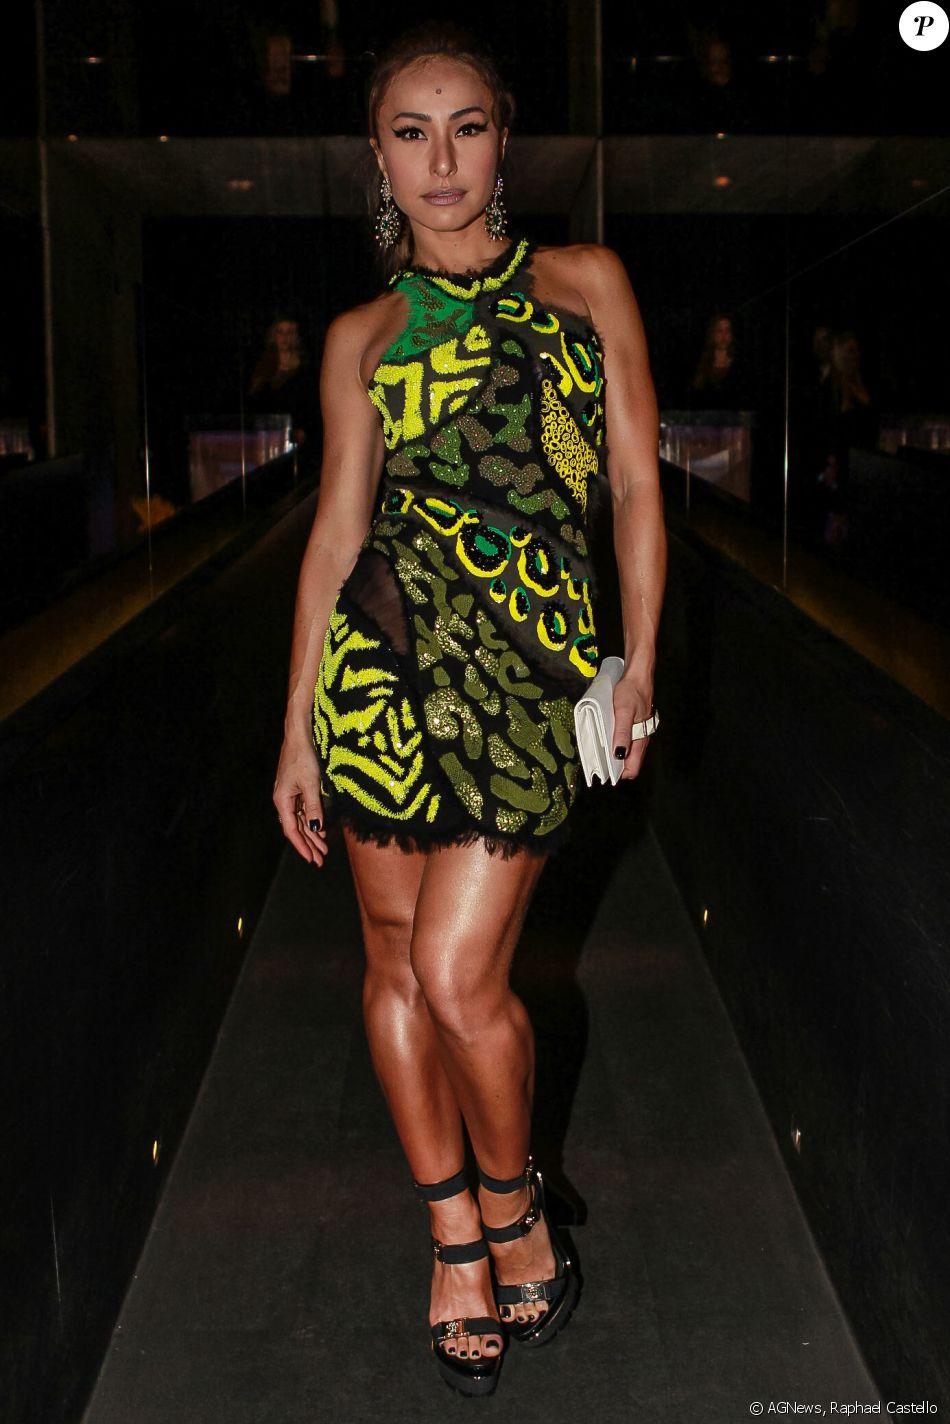 eca60bc828939 Sabrina Sato apostou em look Versace, composto por vestido preto curto com  estampa de animal print em tons de verde e amarelo, além de bordados e ...